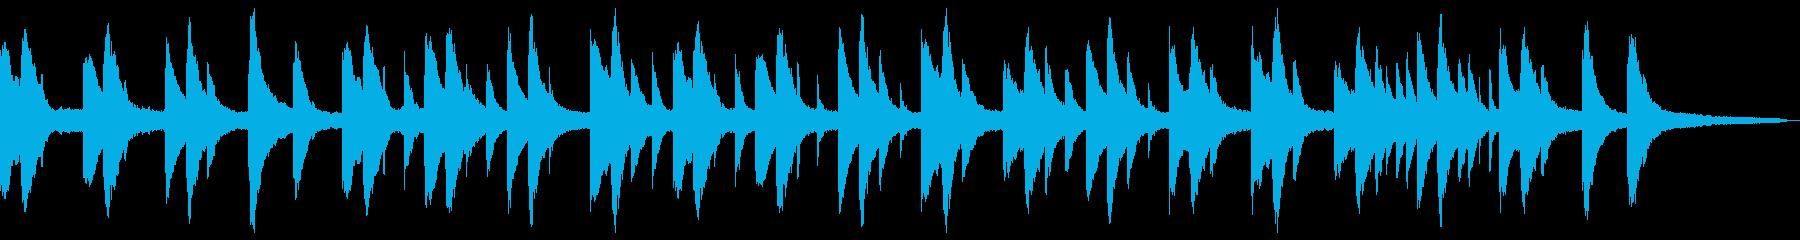 切ない浮遊感のあるピアノソロの再生済みの波形